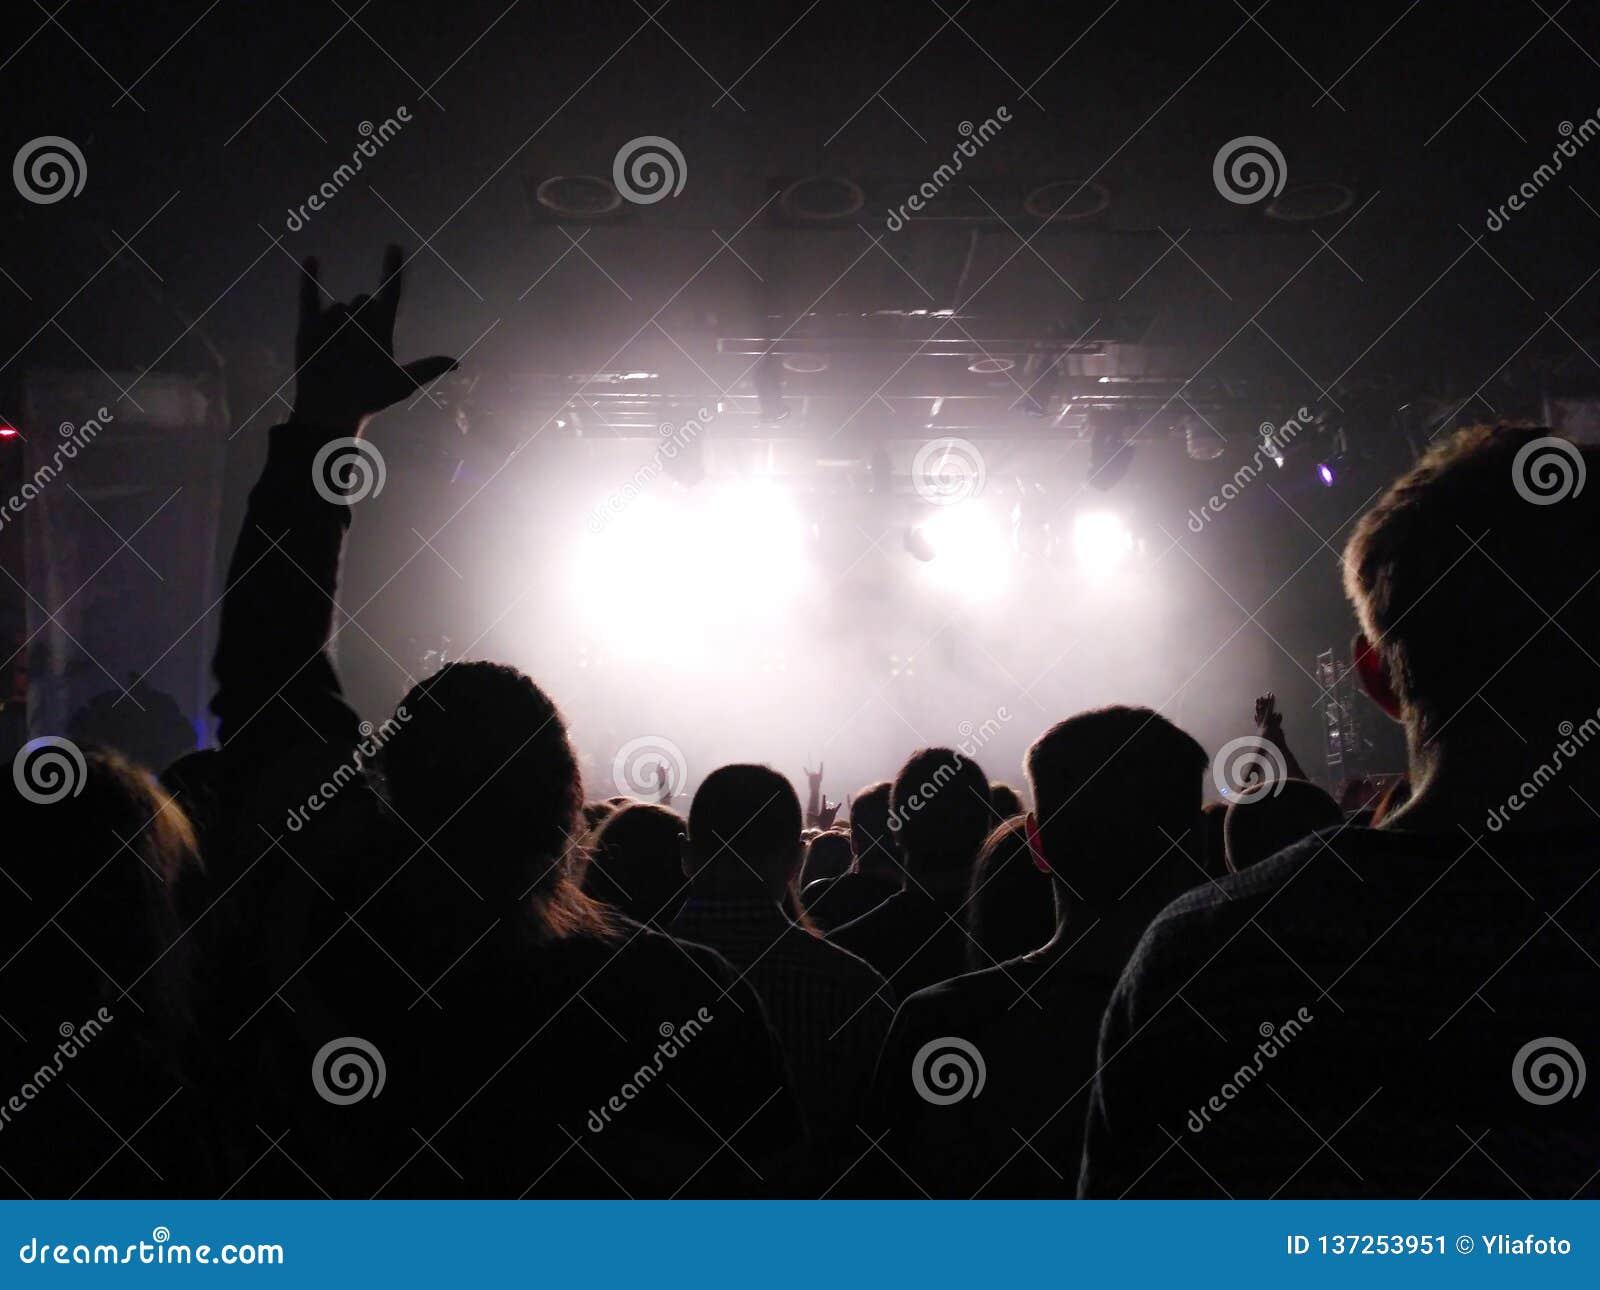 Силуэты людей на концерте Концерт шипучки Рок-группа Парень делает козу руками Яркий свет на этапе